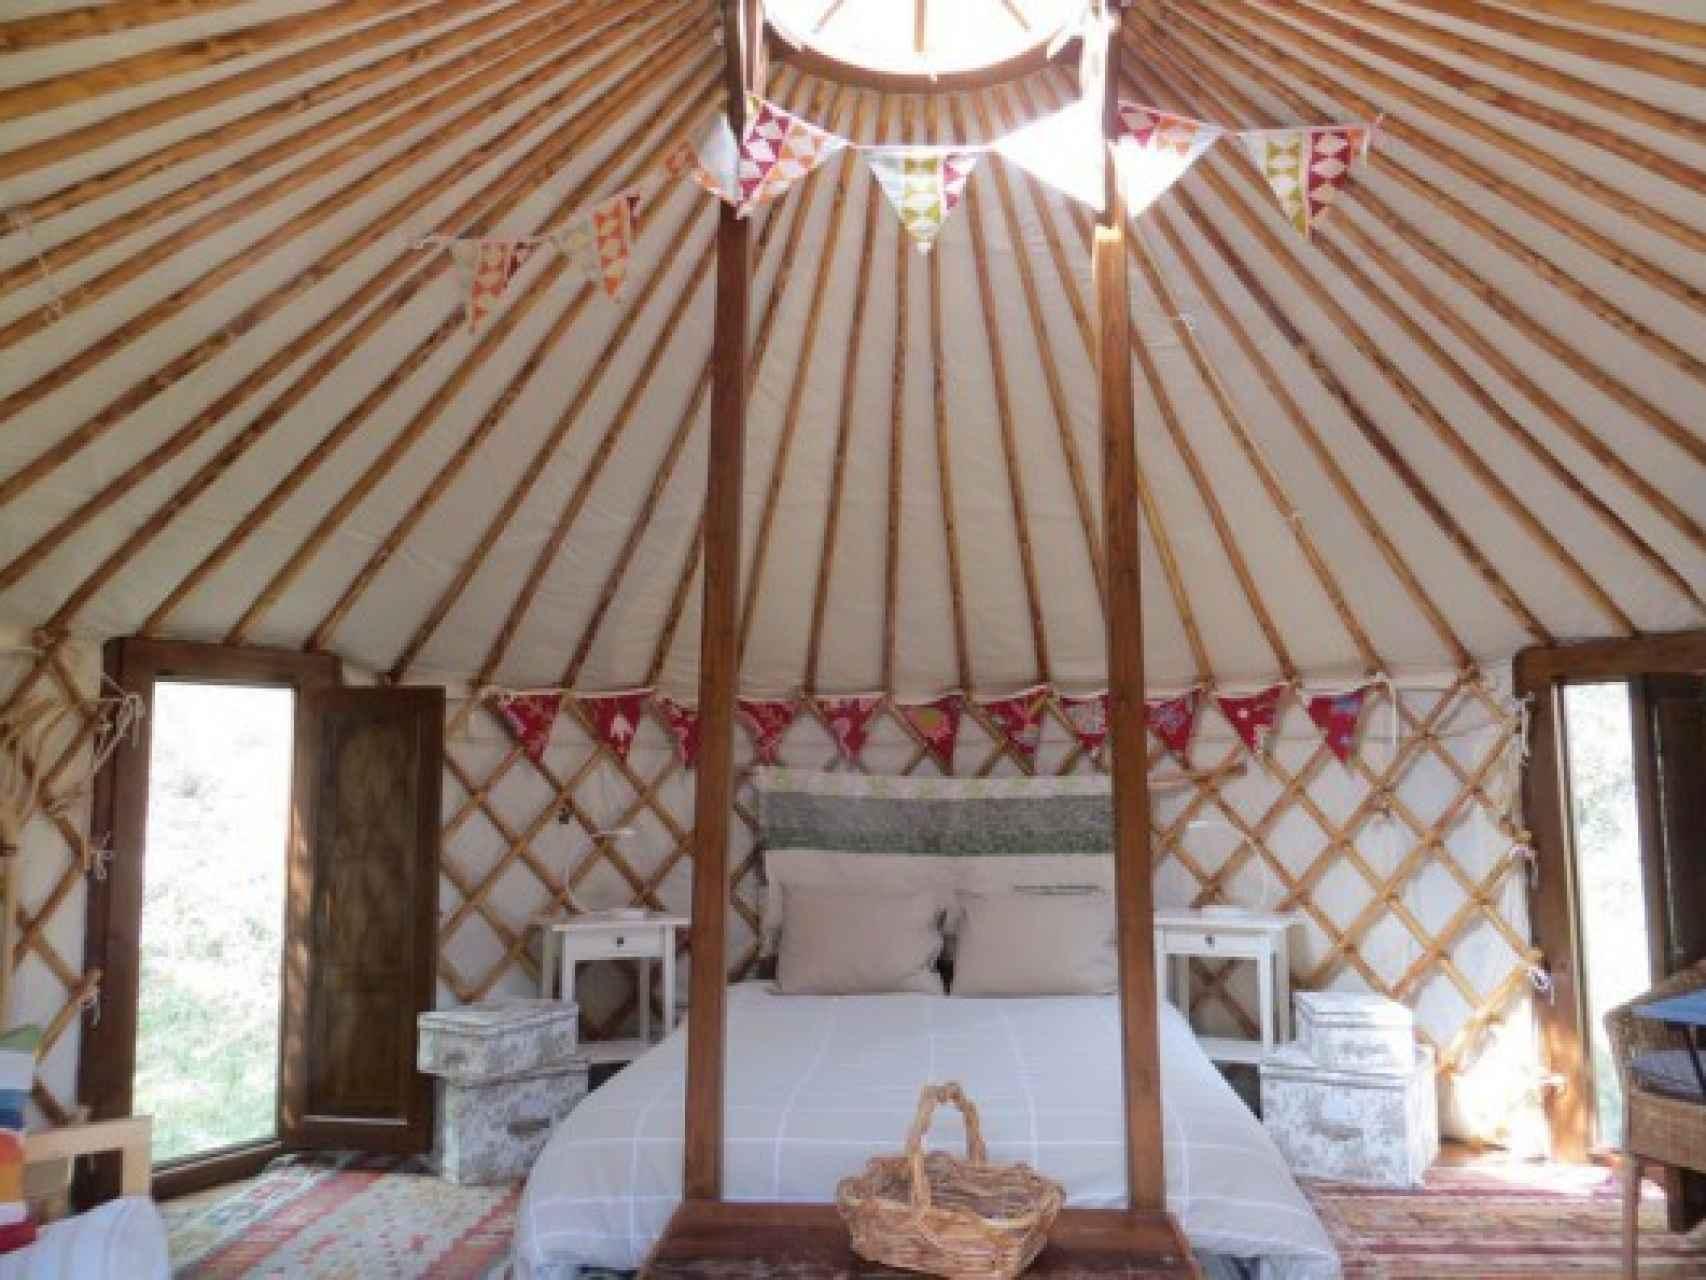 Dentro de la yurta encontrarás diferentes ambientes en un espacio diáfano.